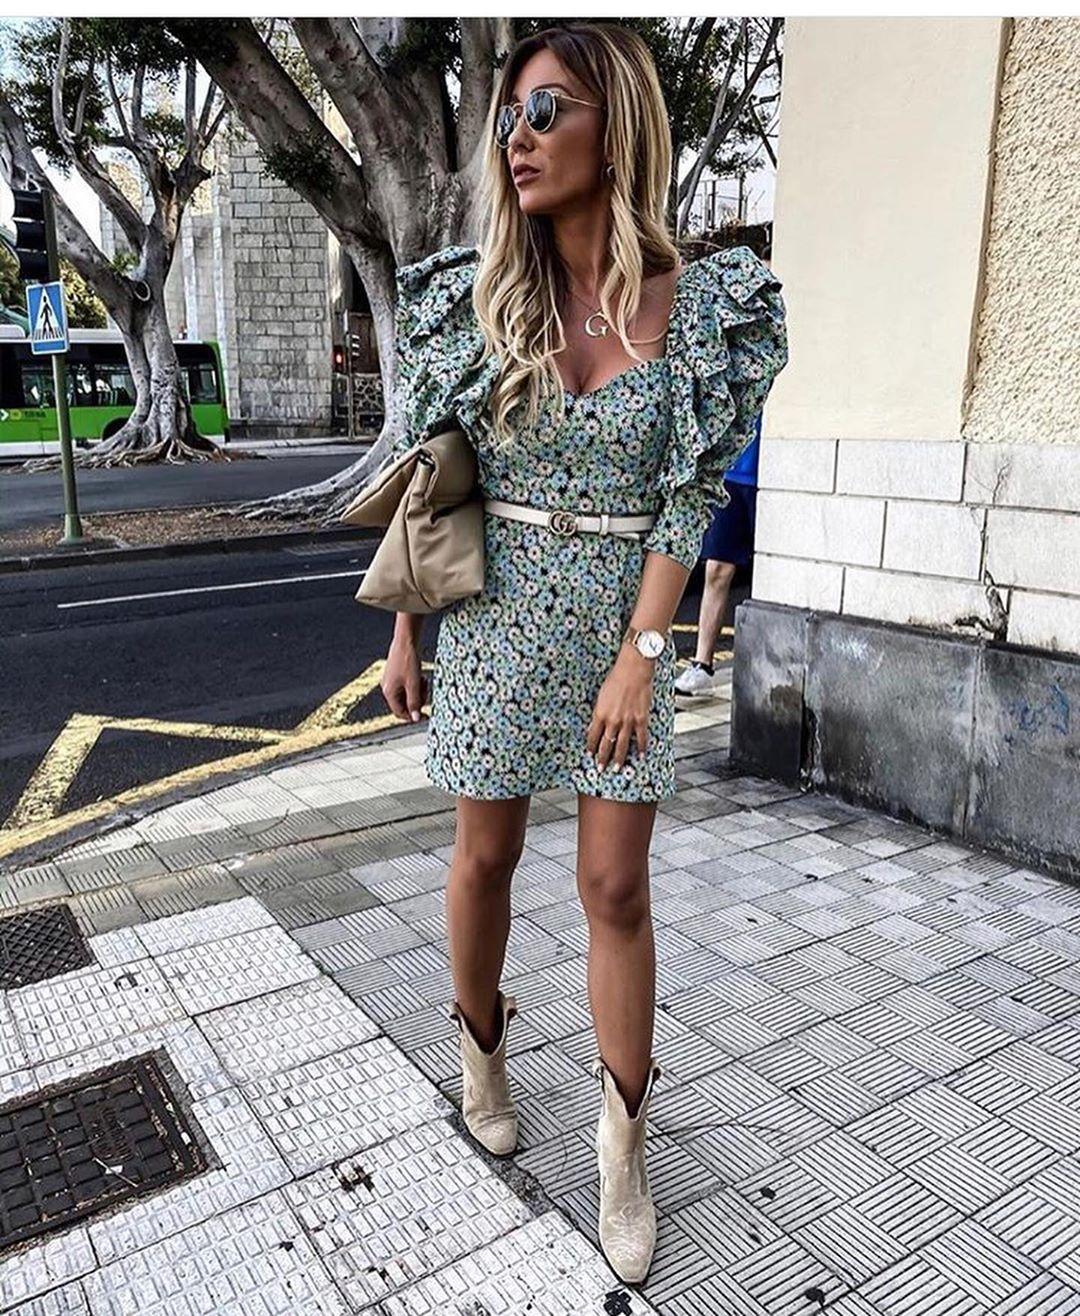 poplin daisy dress de Zara sur look_by_zara_hm